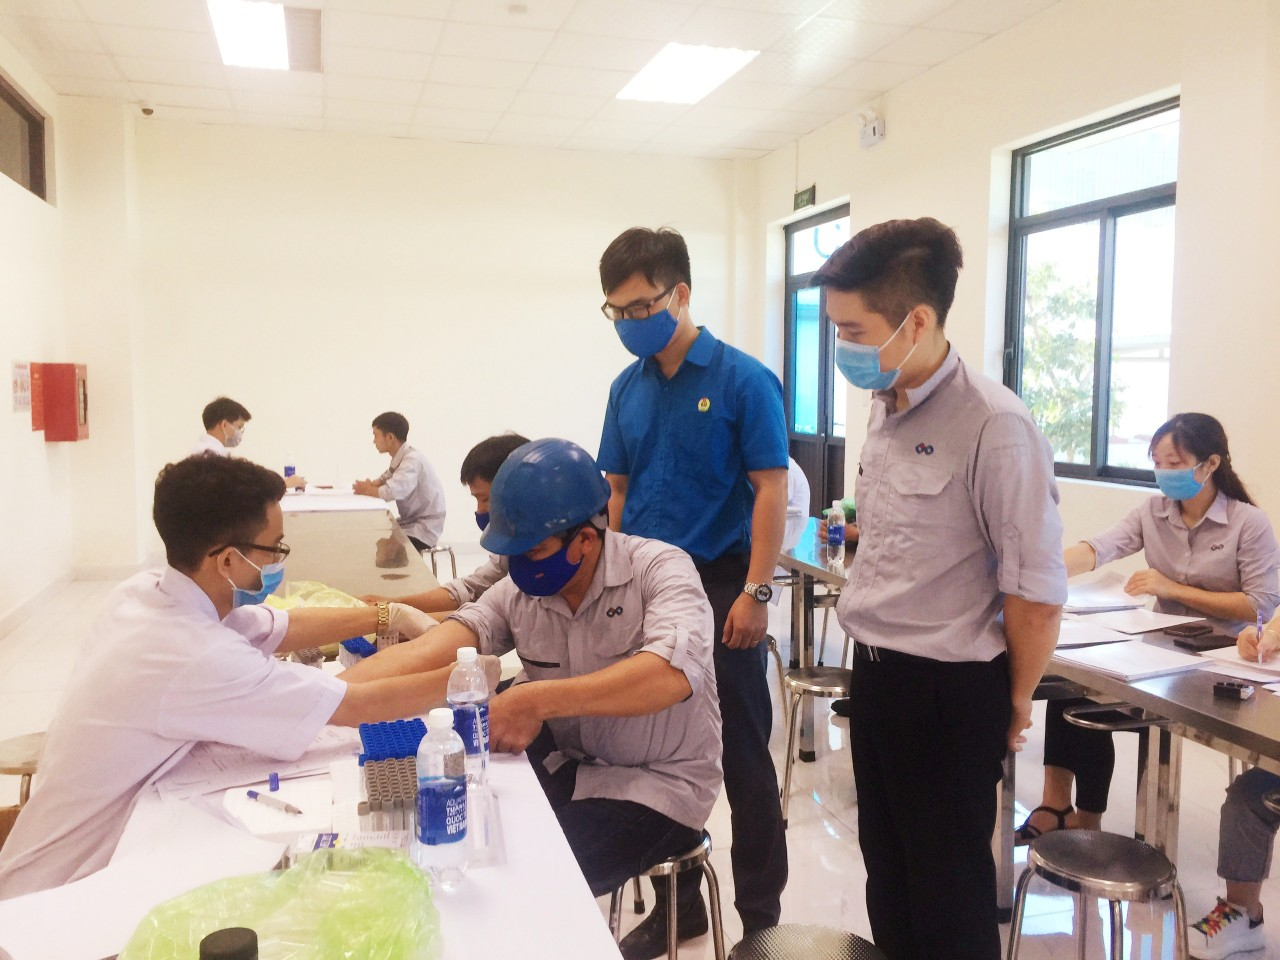 CĐ các Khu kinh tế tỉnh: Khám sức khỏe định kỳ cho công nhân lao động Công ty TNHH UP Hà Tĩnh